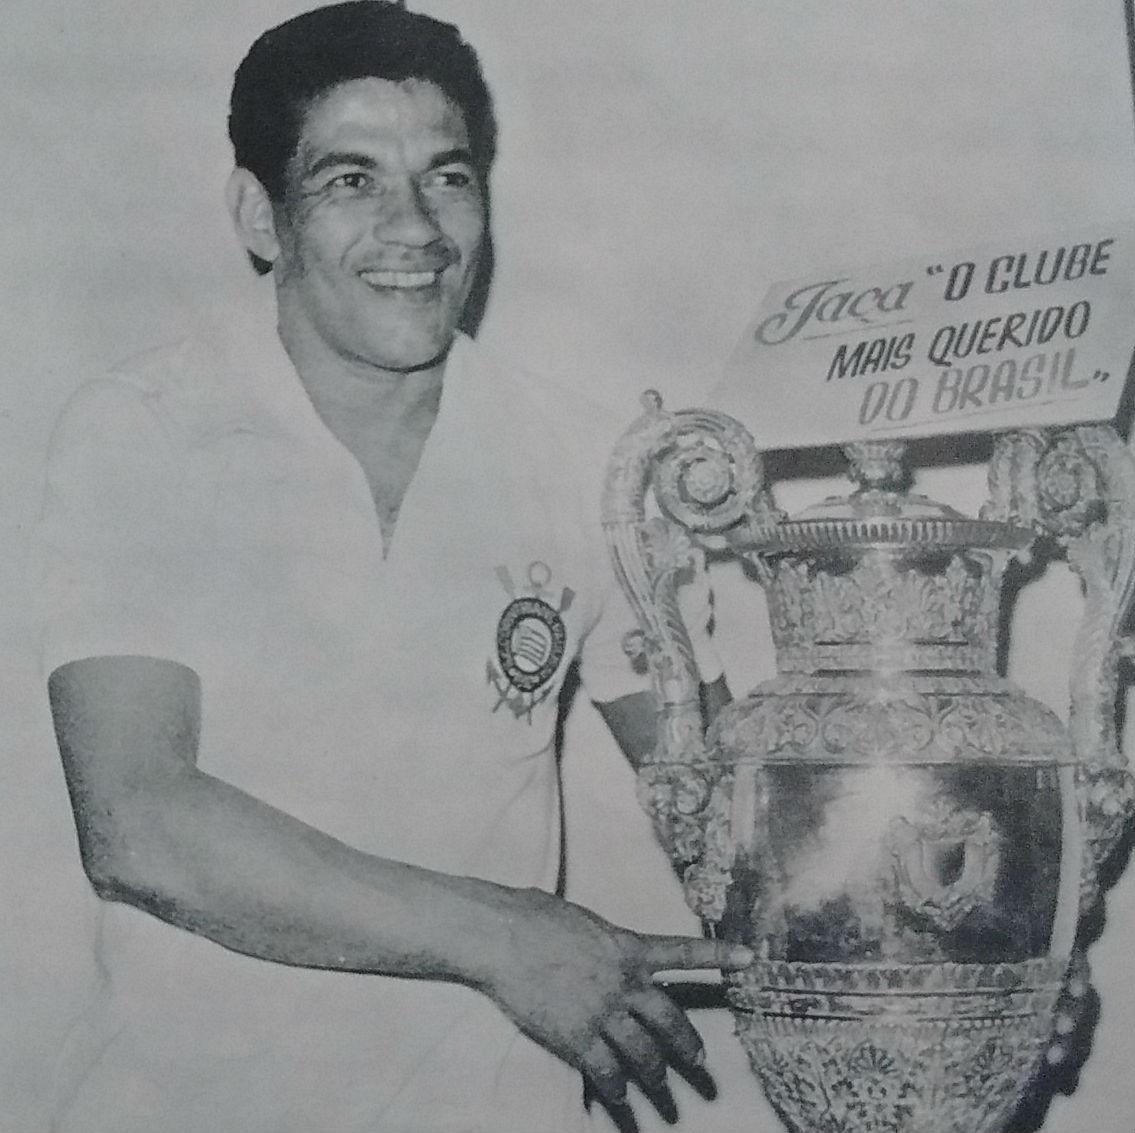 d5c91e40841ad Garrincha com a camisa do Corinthians na sala de troféu do clube